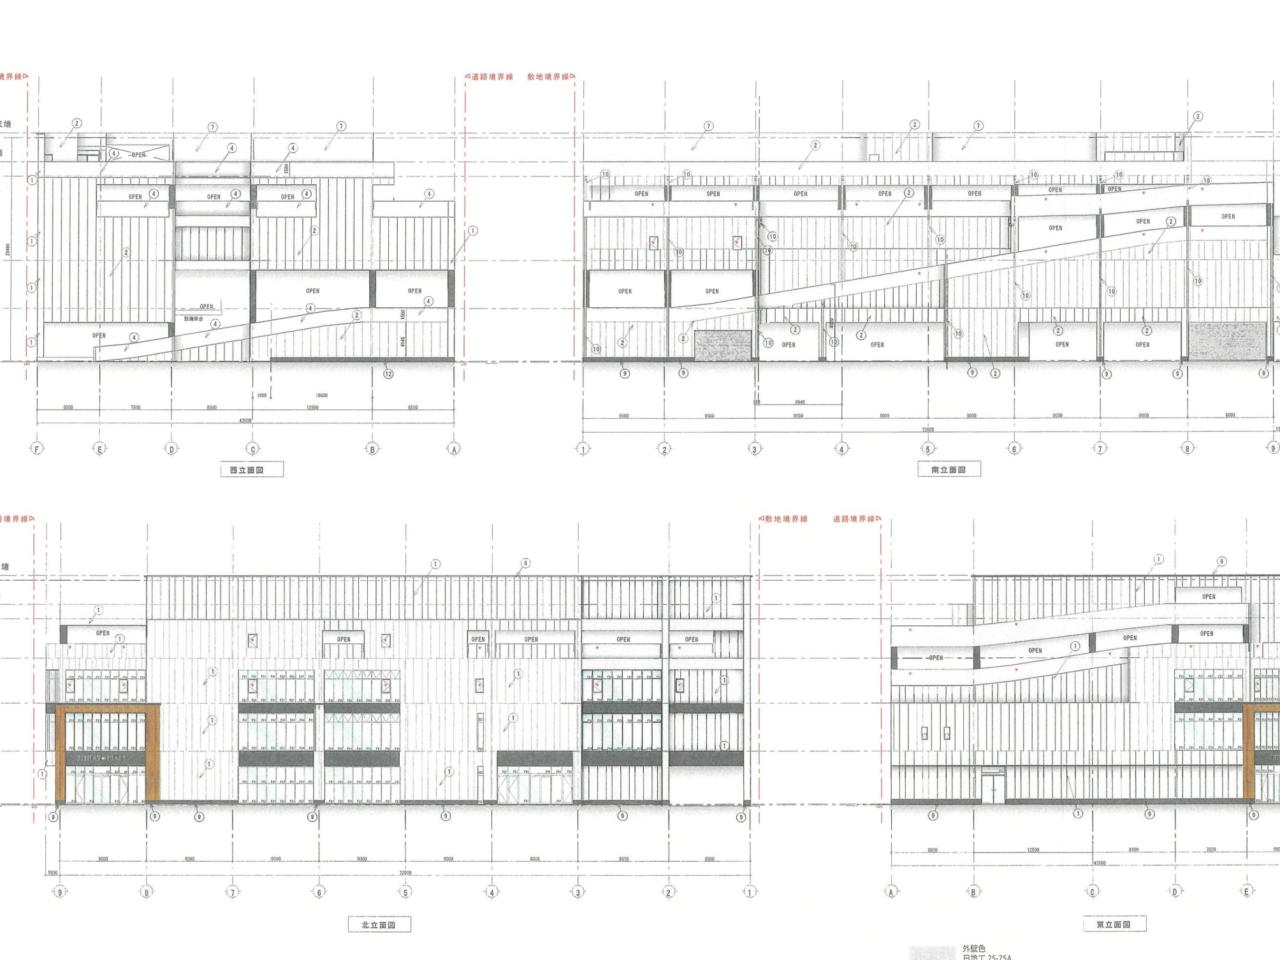 福岡市の港1丁目SC計画の外観図